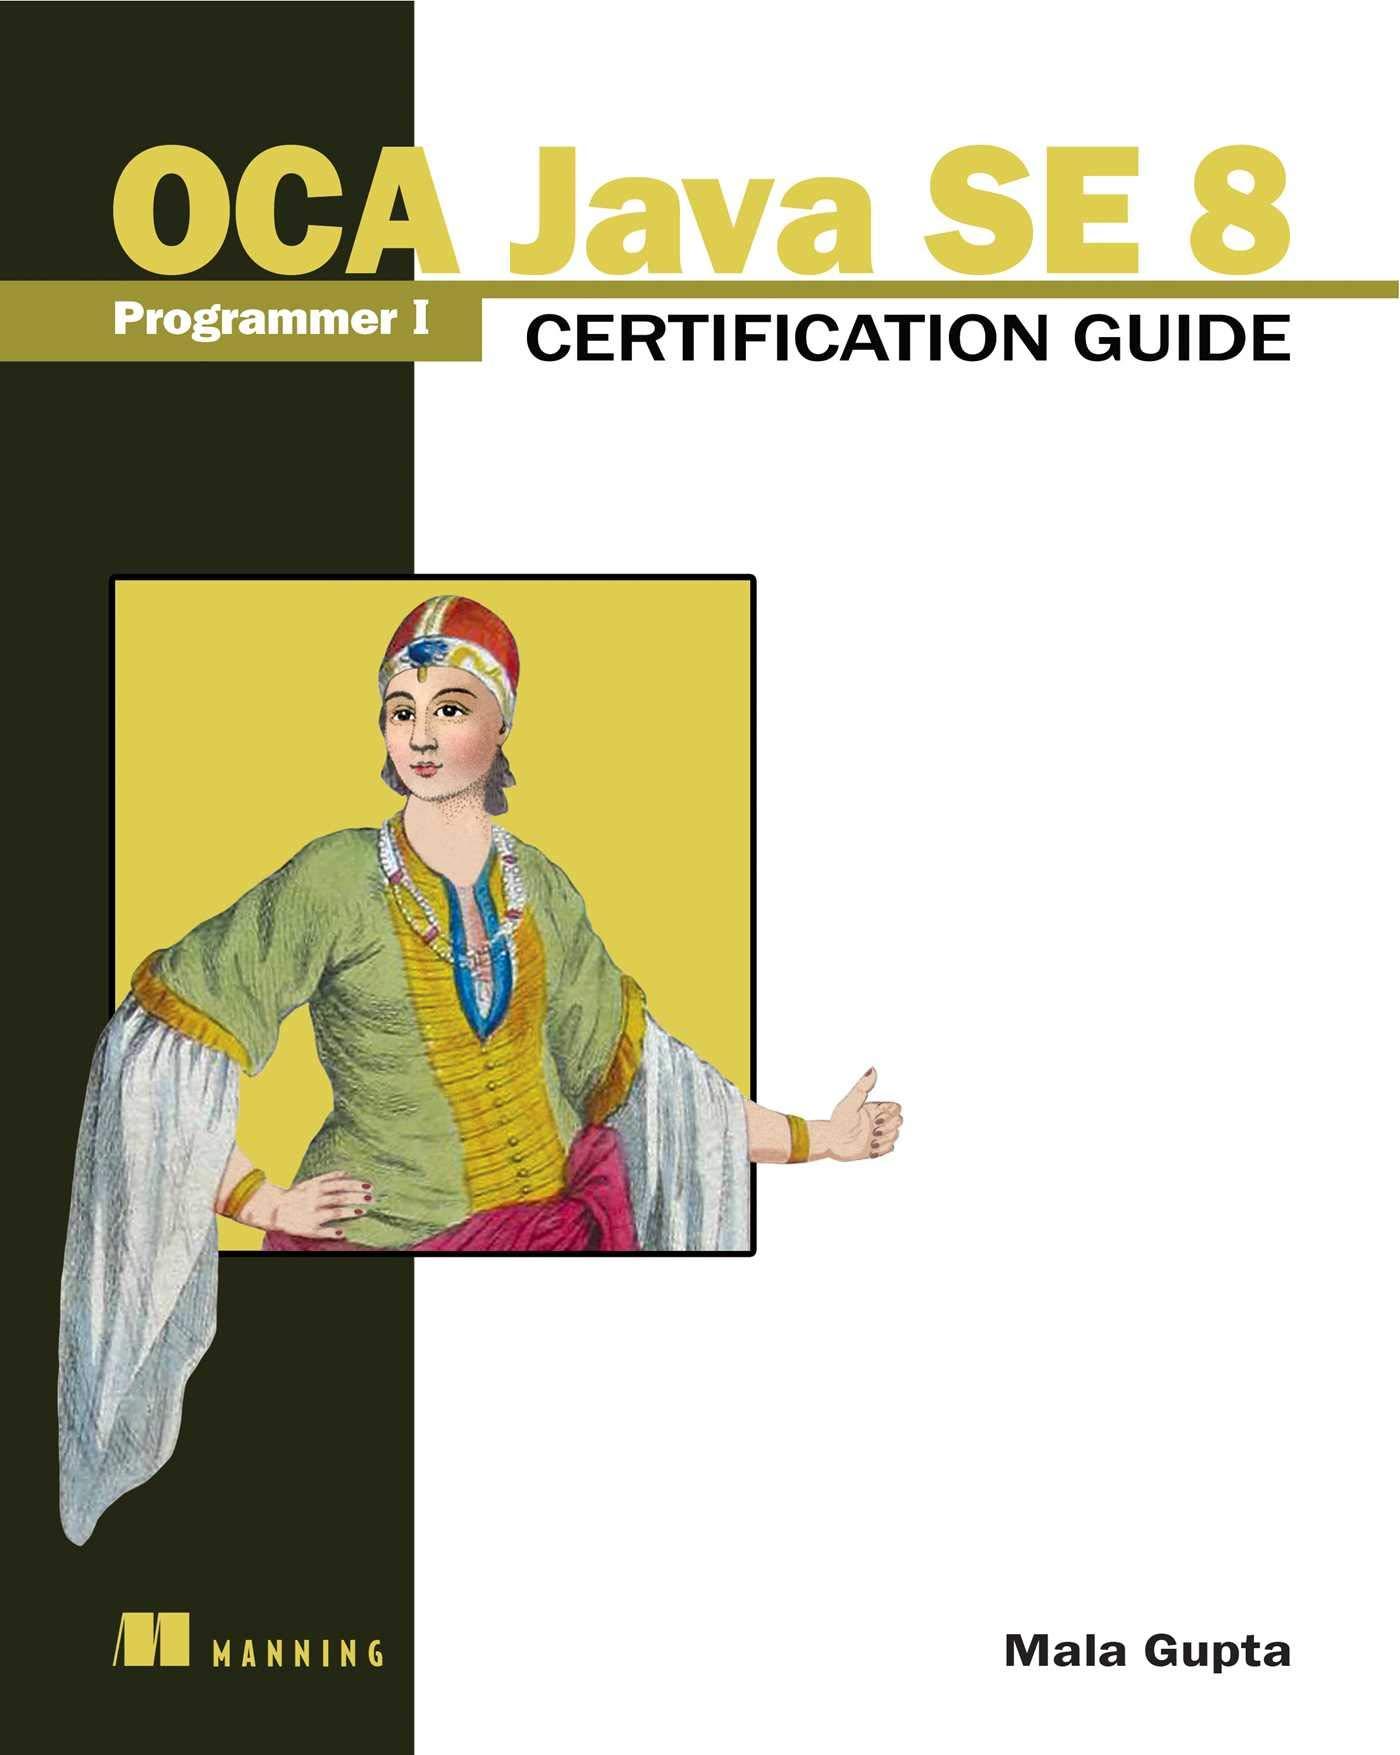 OCA Java SE 8 Programmer I Certification Guide 1st, Gupta, Mala, eBook